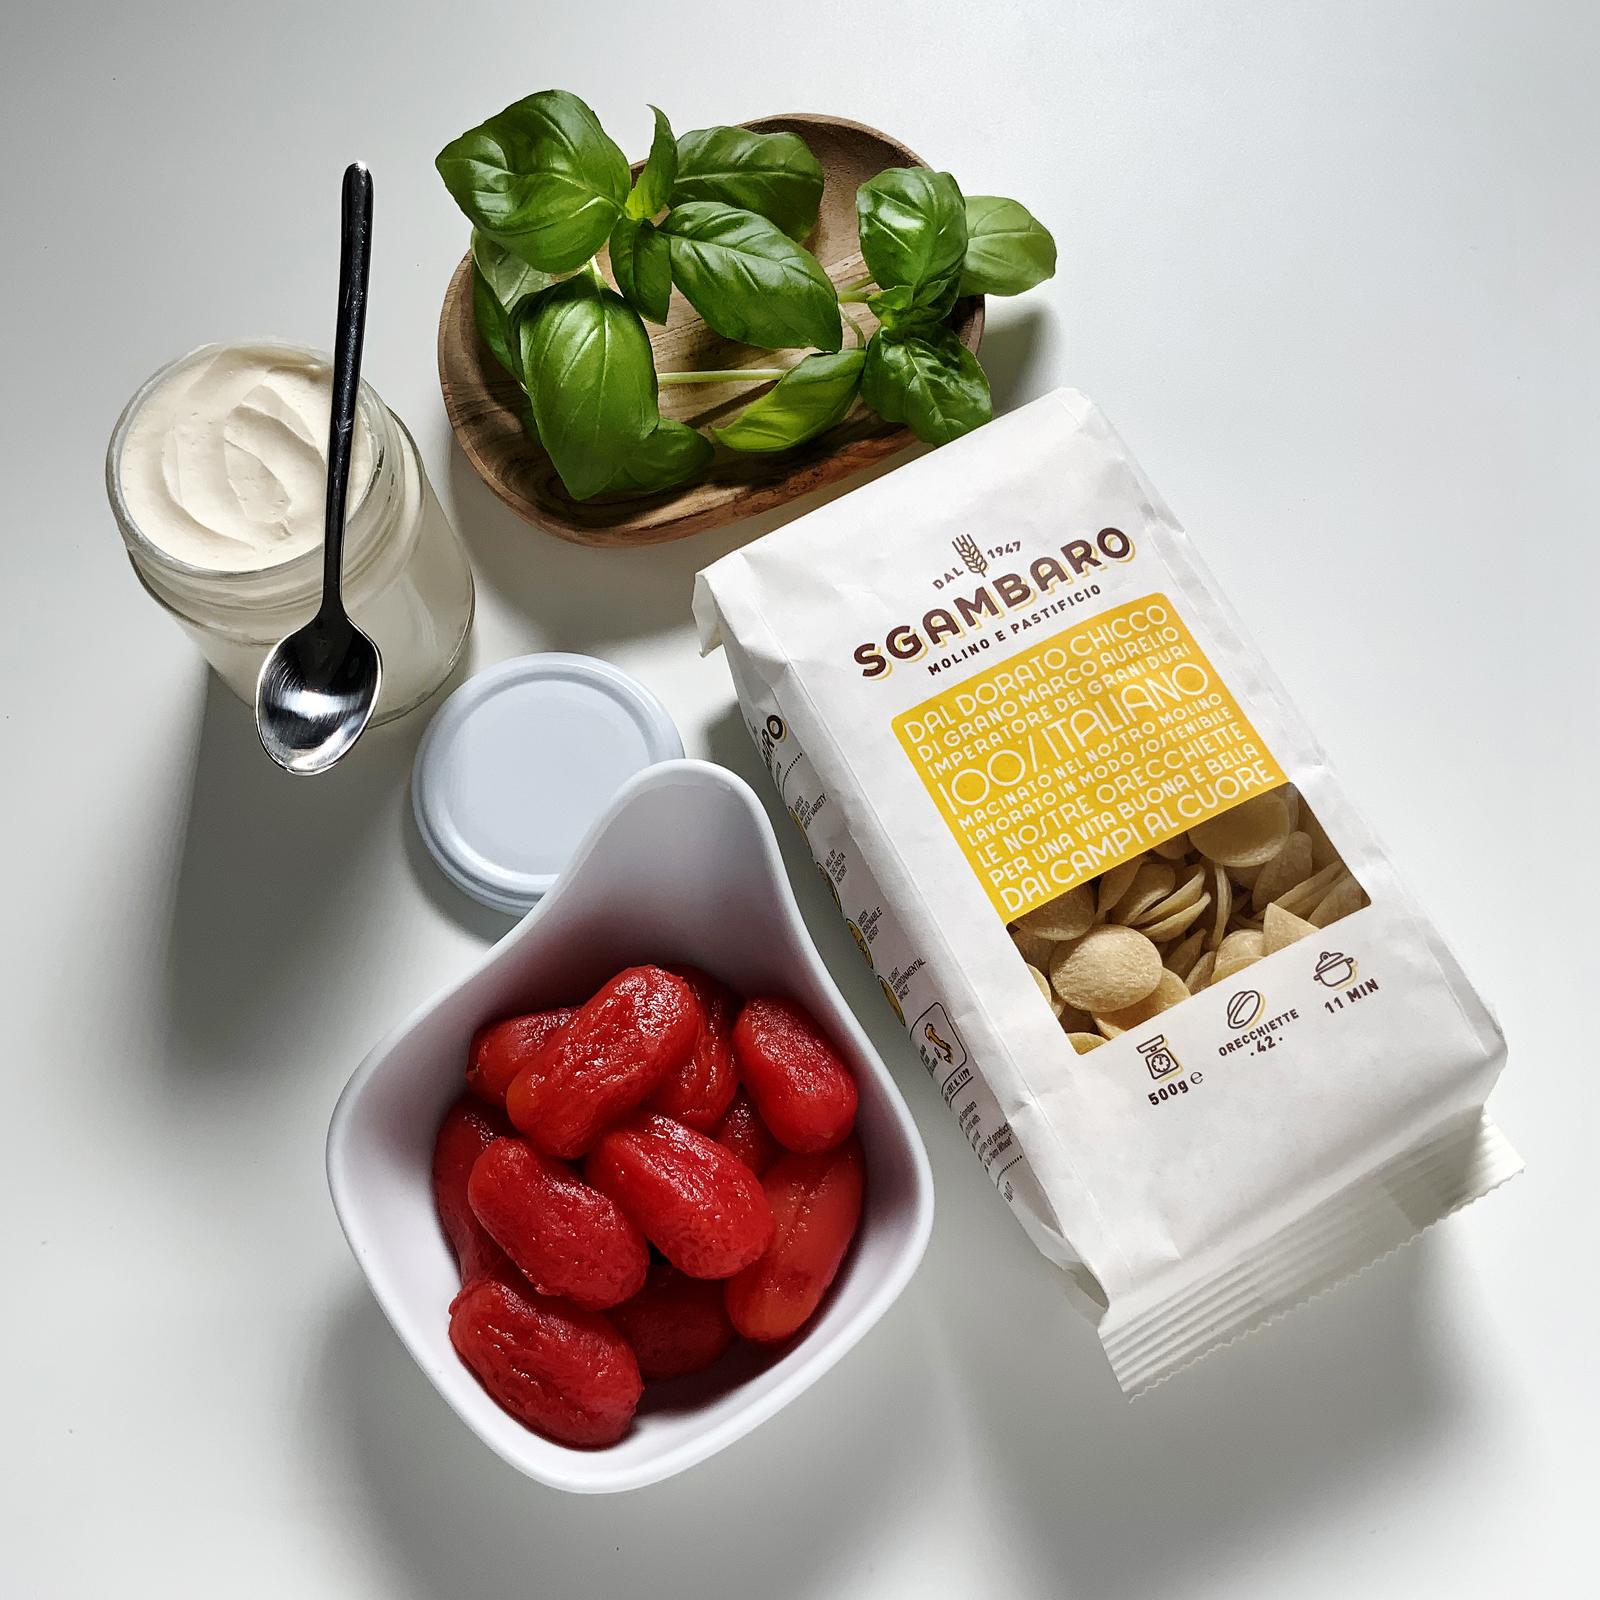 Orecchiette Sgambaro al sugo di datterini, olio al basilico e ricotta forte ingredienti